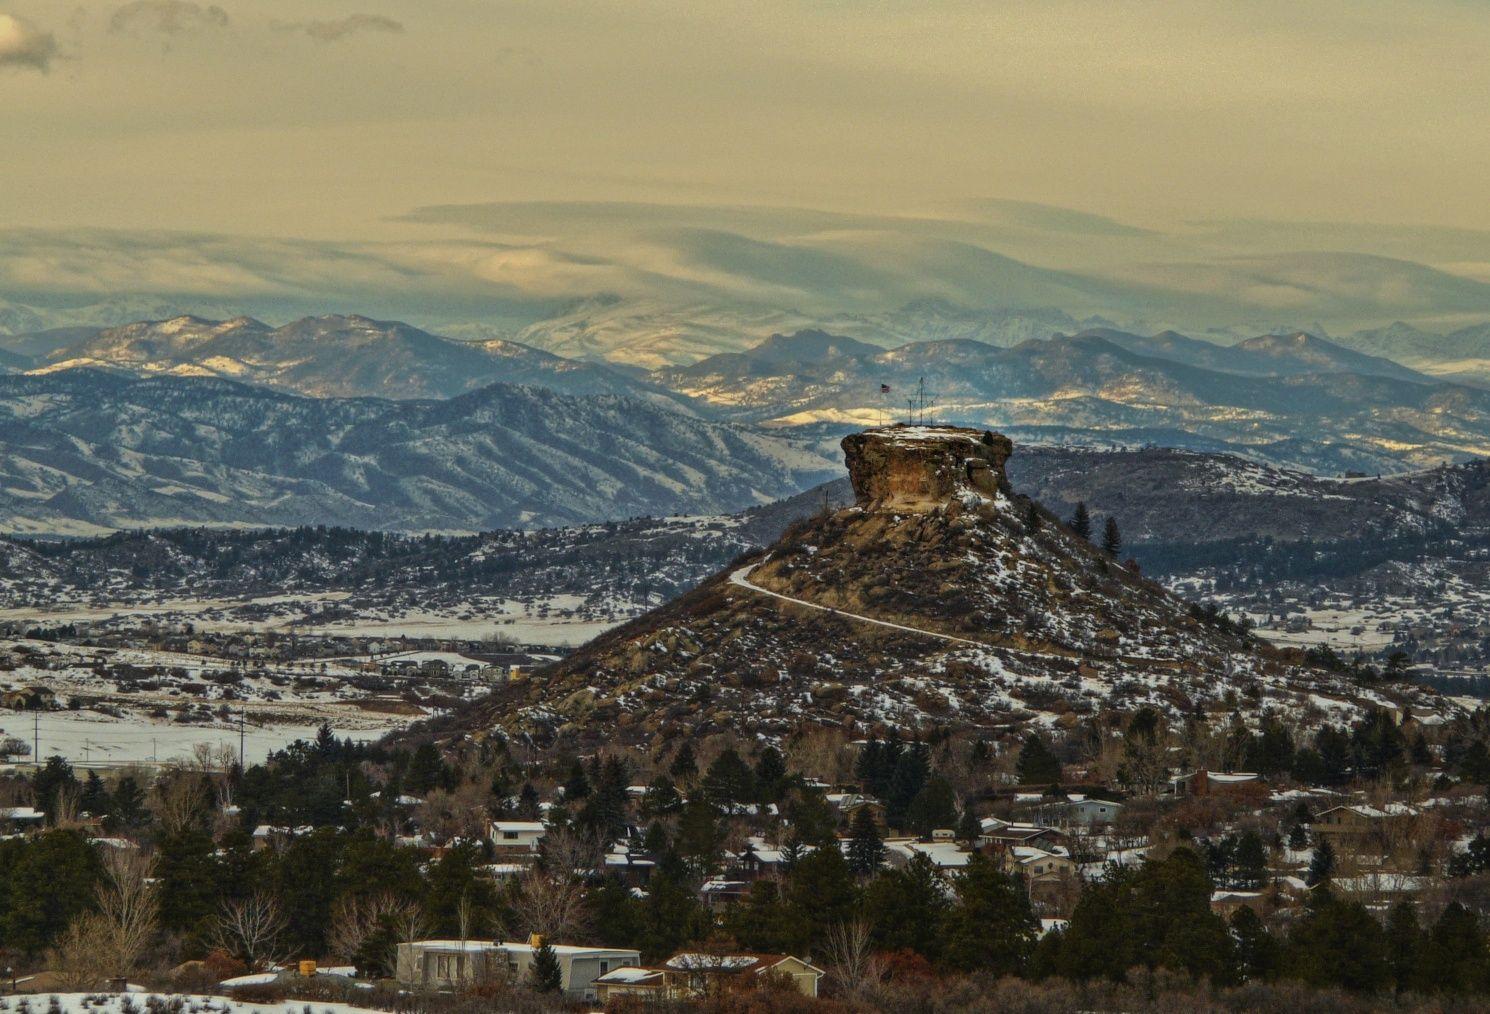 Personals in castle rock co Meet Colorado Singles - Colorado Dating and Online Personals